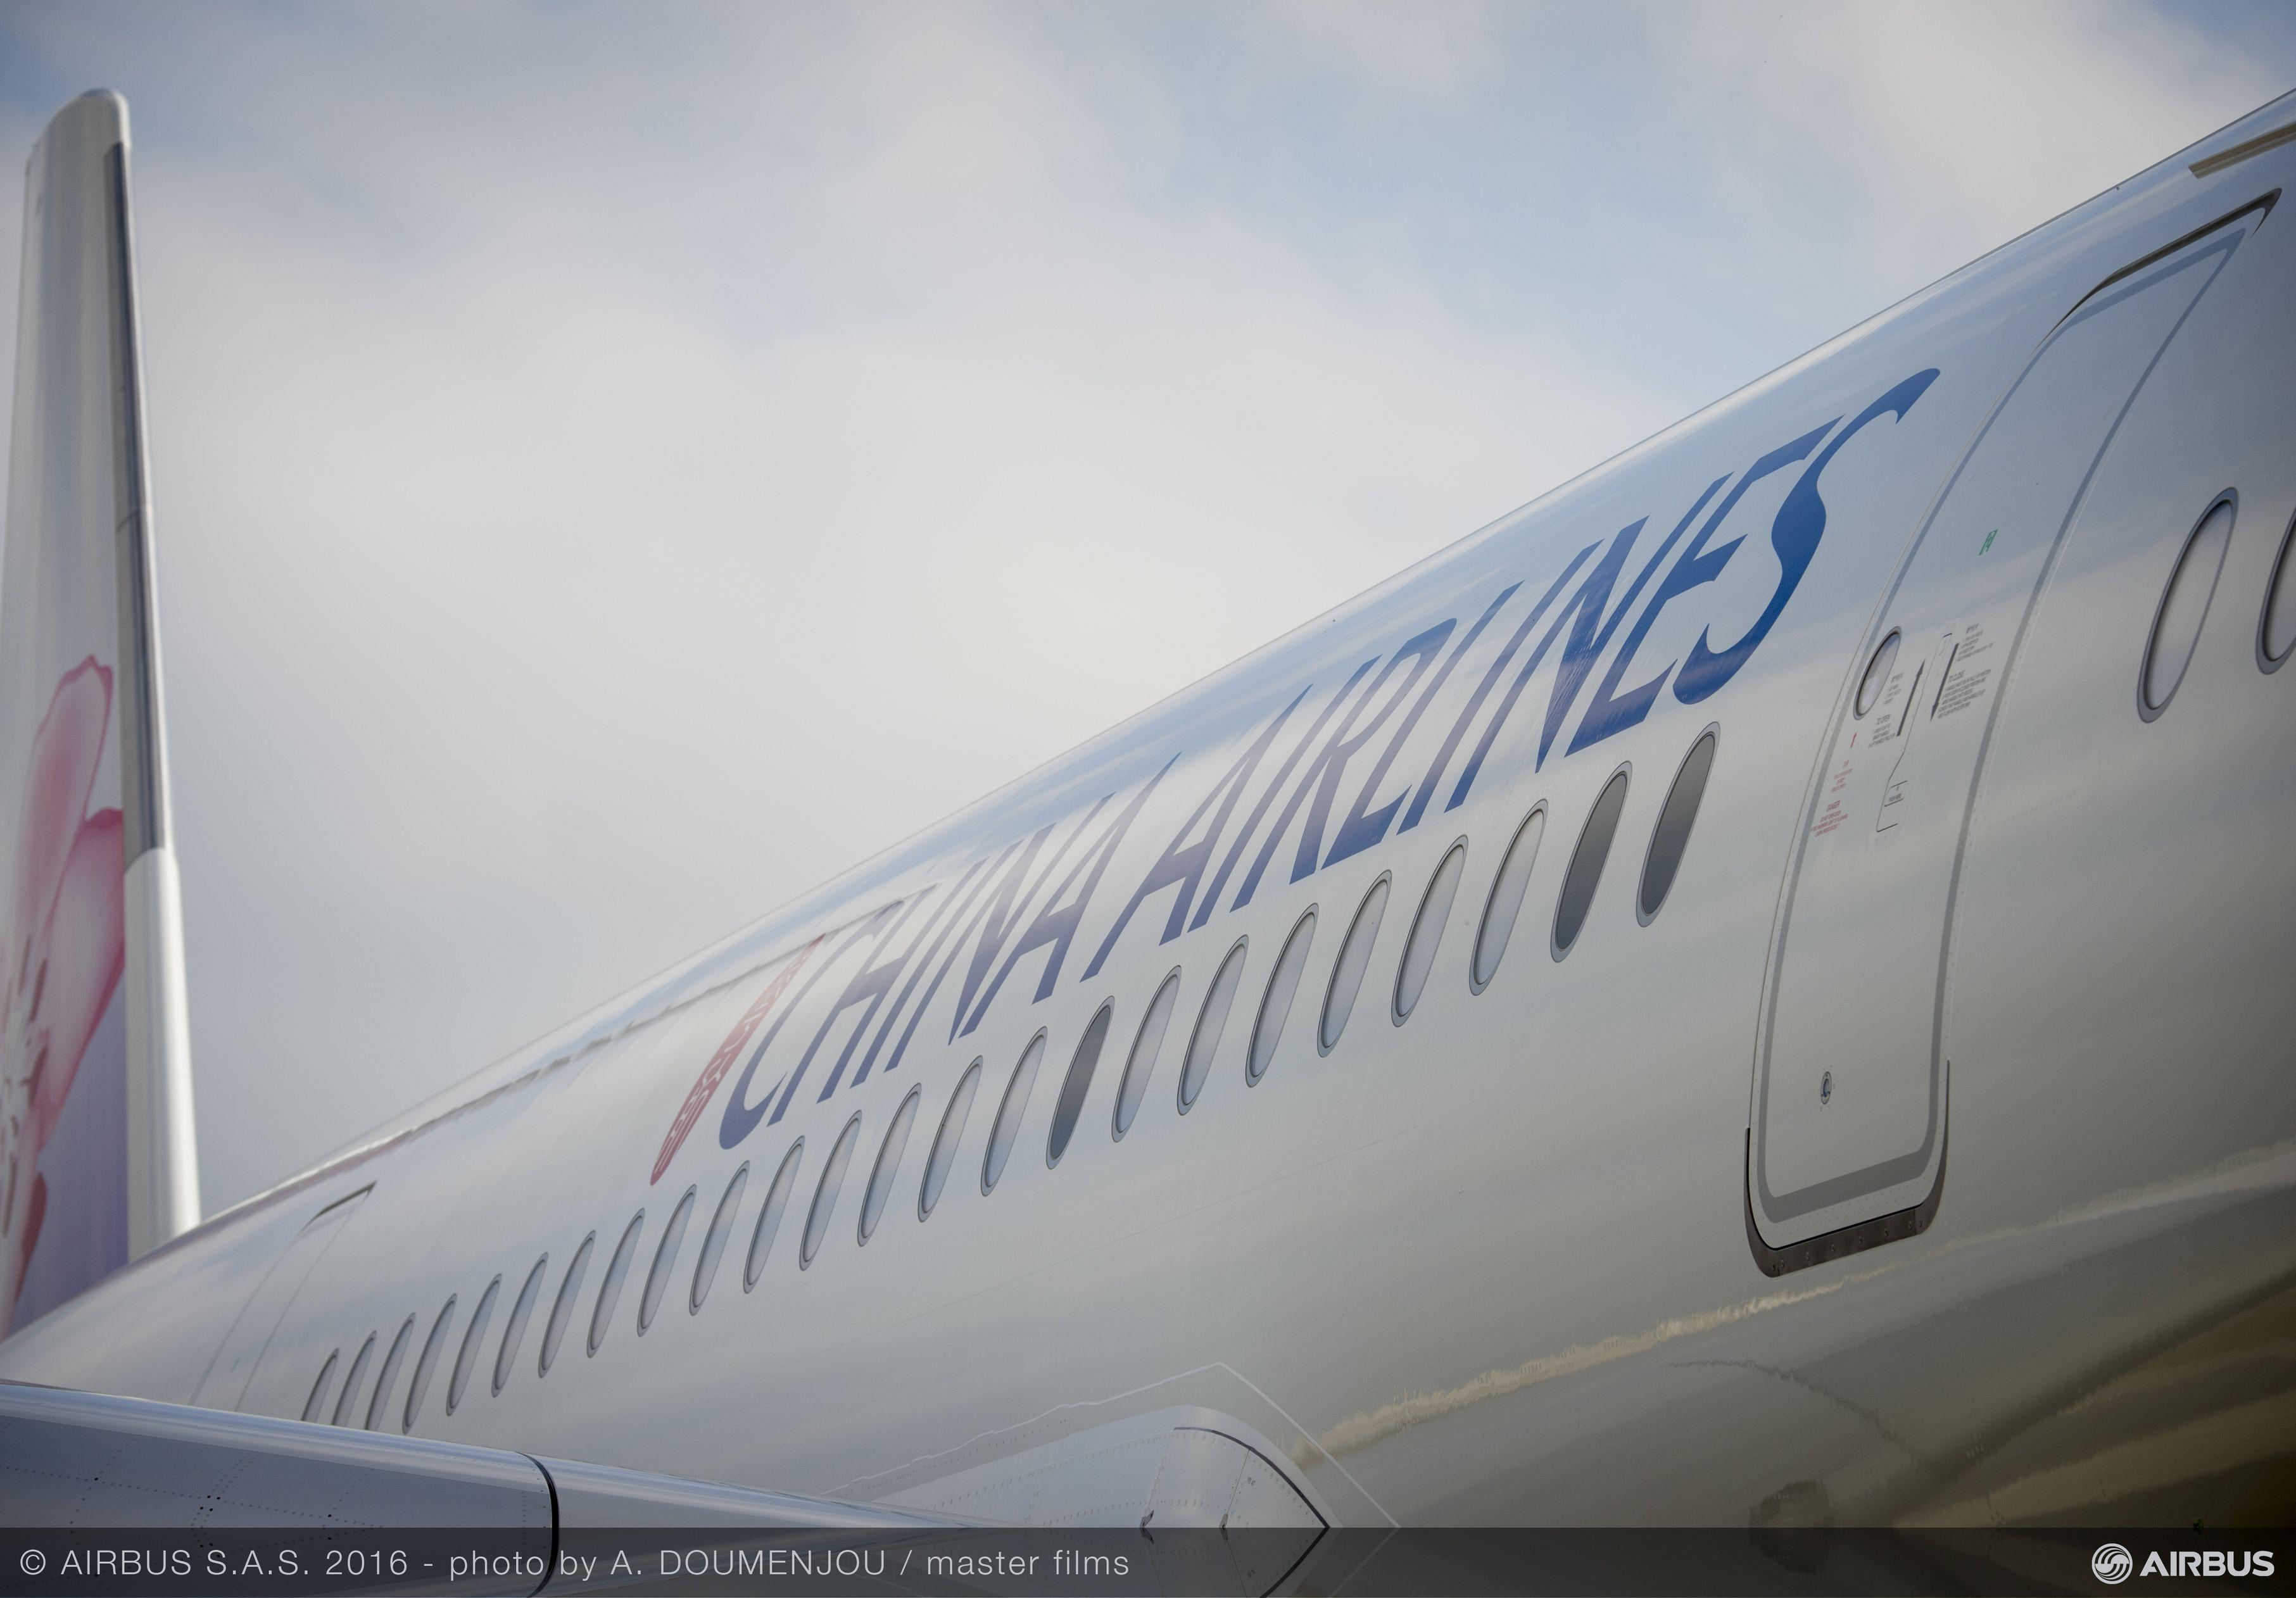 カタール航空、アメリカ路線を拡大 7月から6都市に週5便超を運航